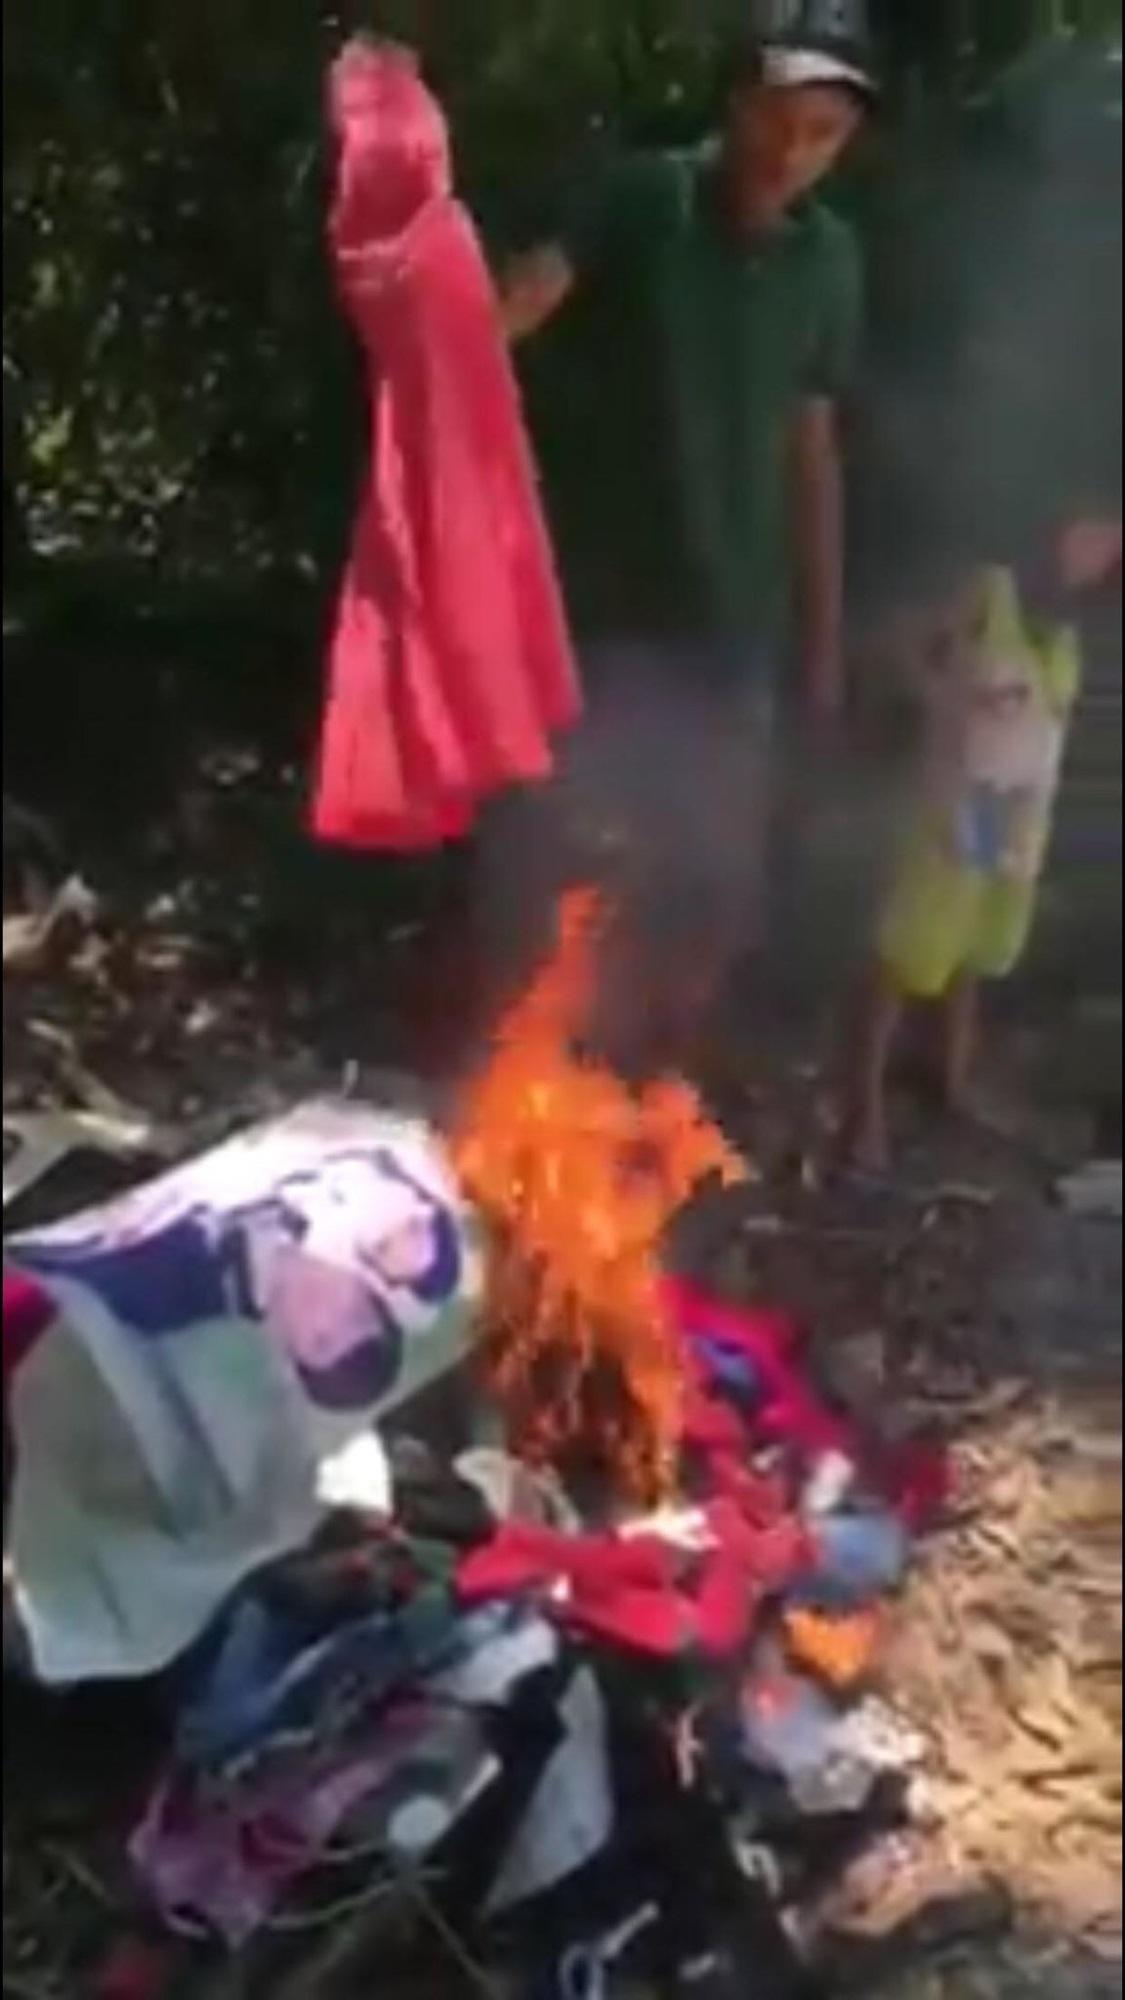 Góc khuất đau lòng sau đoạn clip chồng đốt ảnh cưới và quần áo của vợ trước mặt hai con nhỏ - Ảnh 1